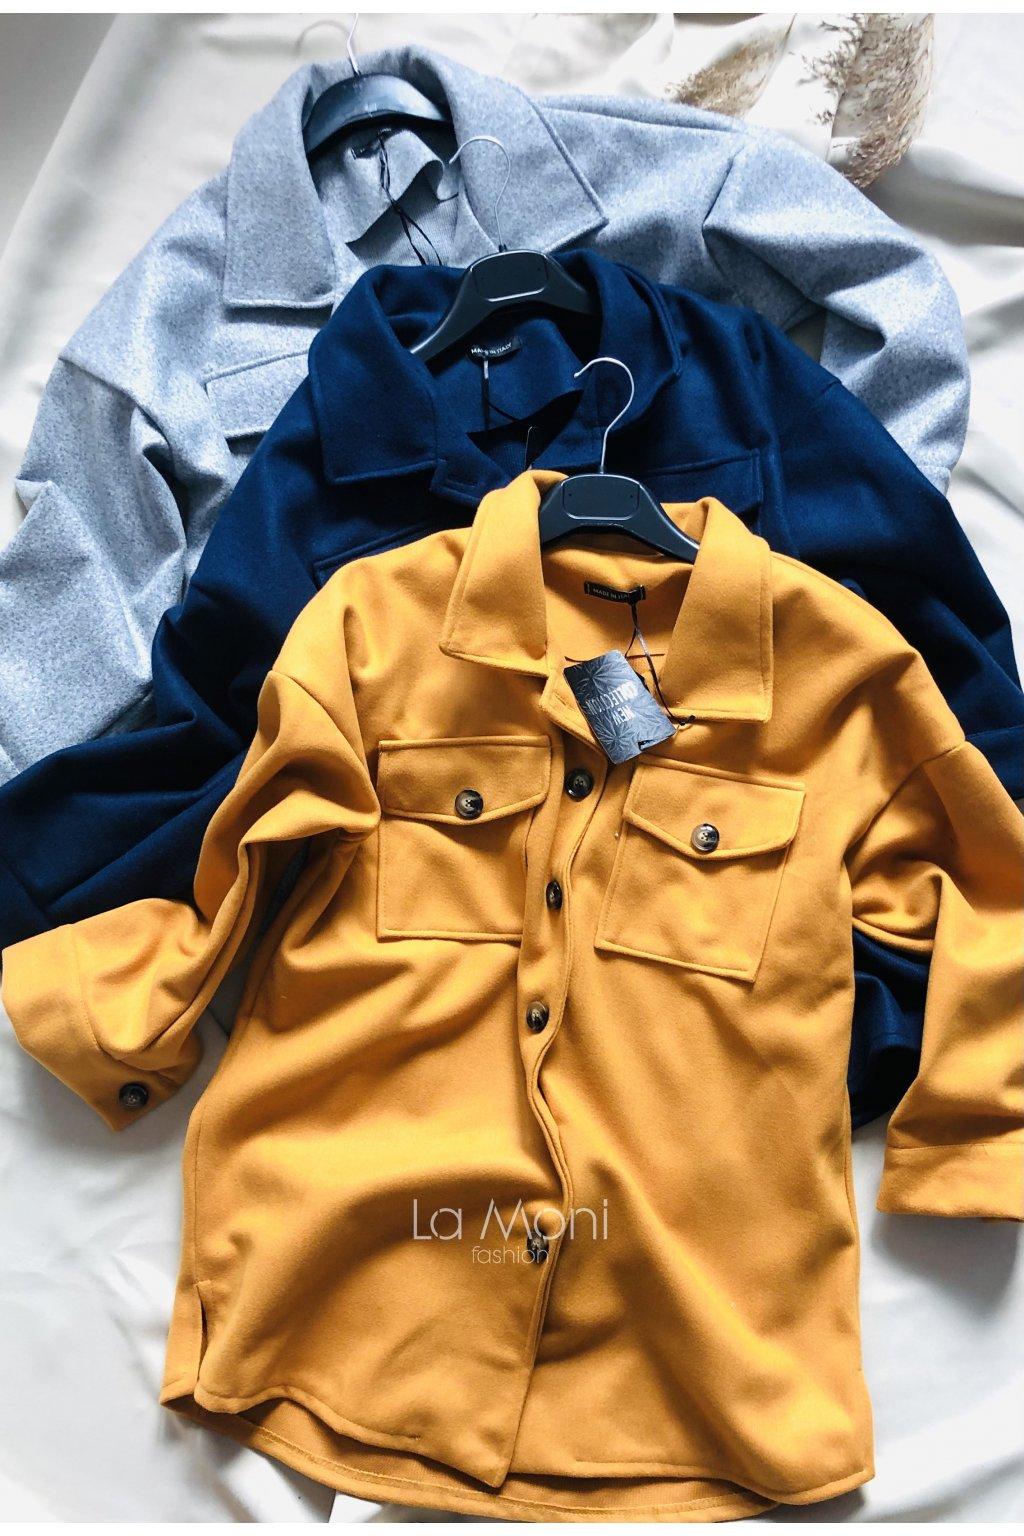 Oversize kabát- košilový střih - volný střih - STYLOVKA